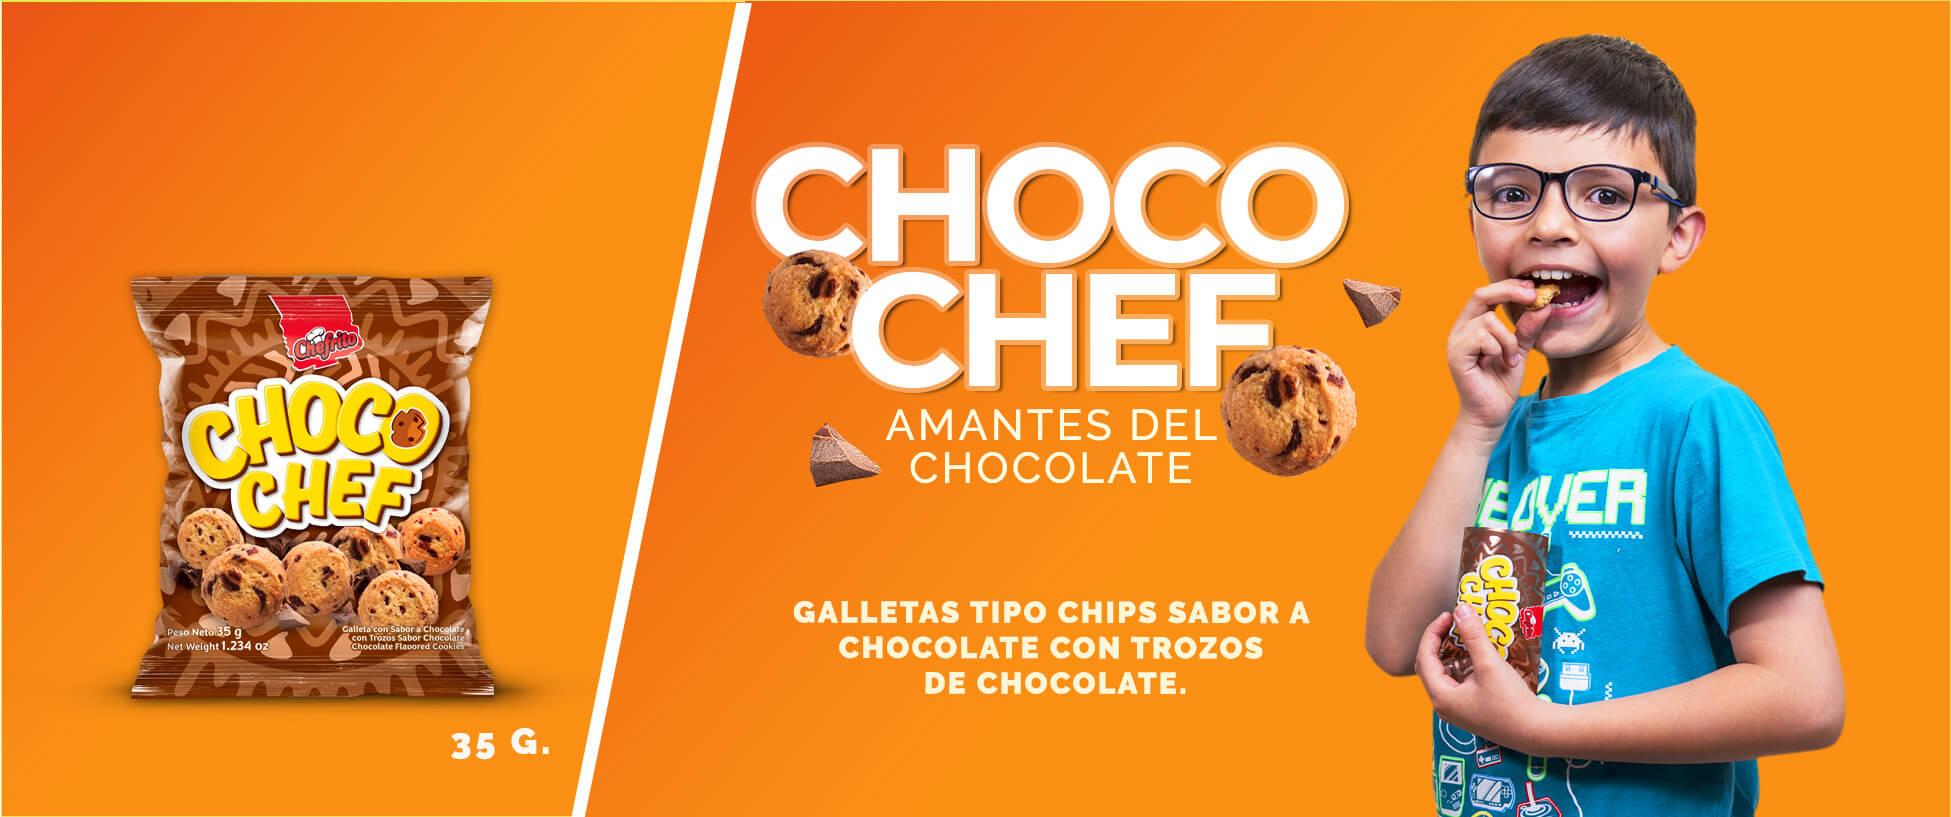 Chocochef 1